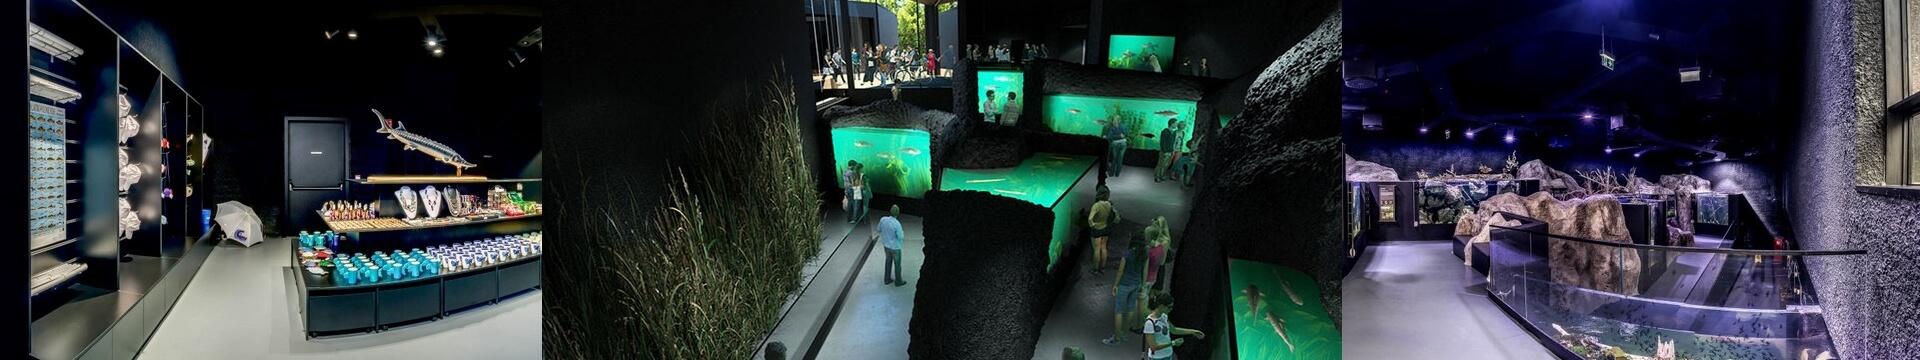 Aquatika – Freshwater aquarium